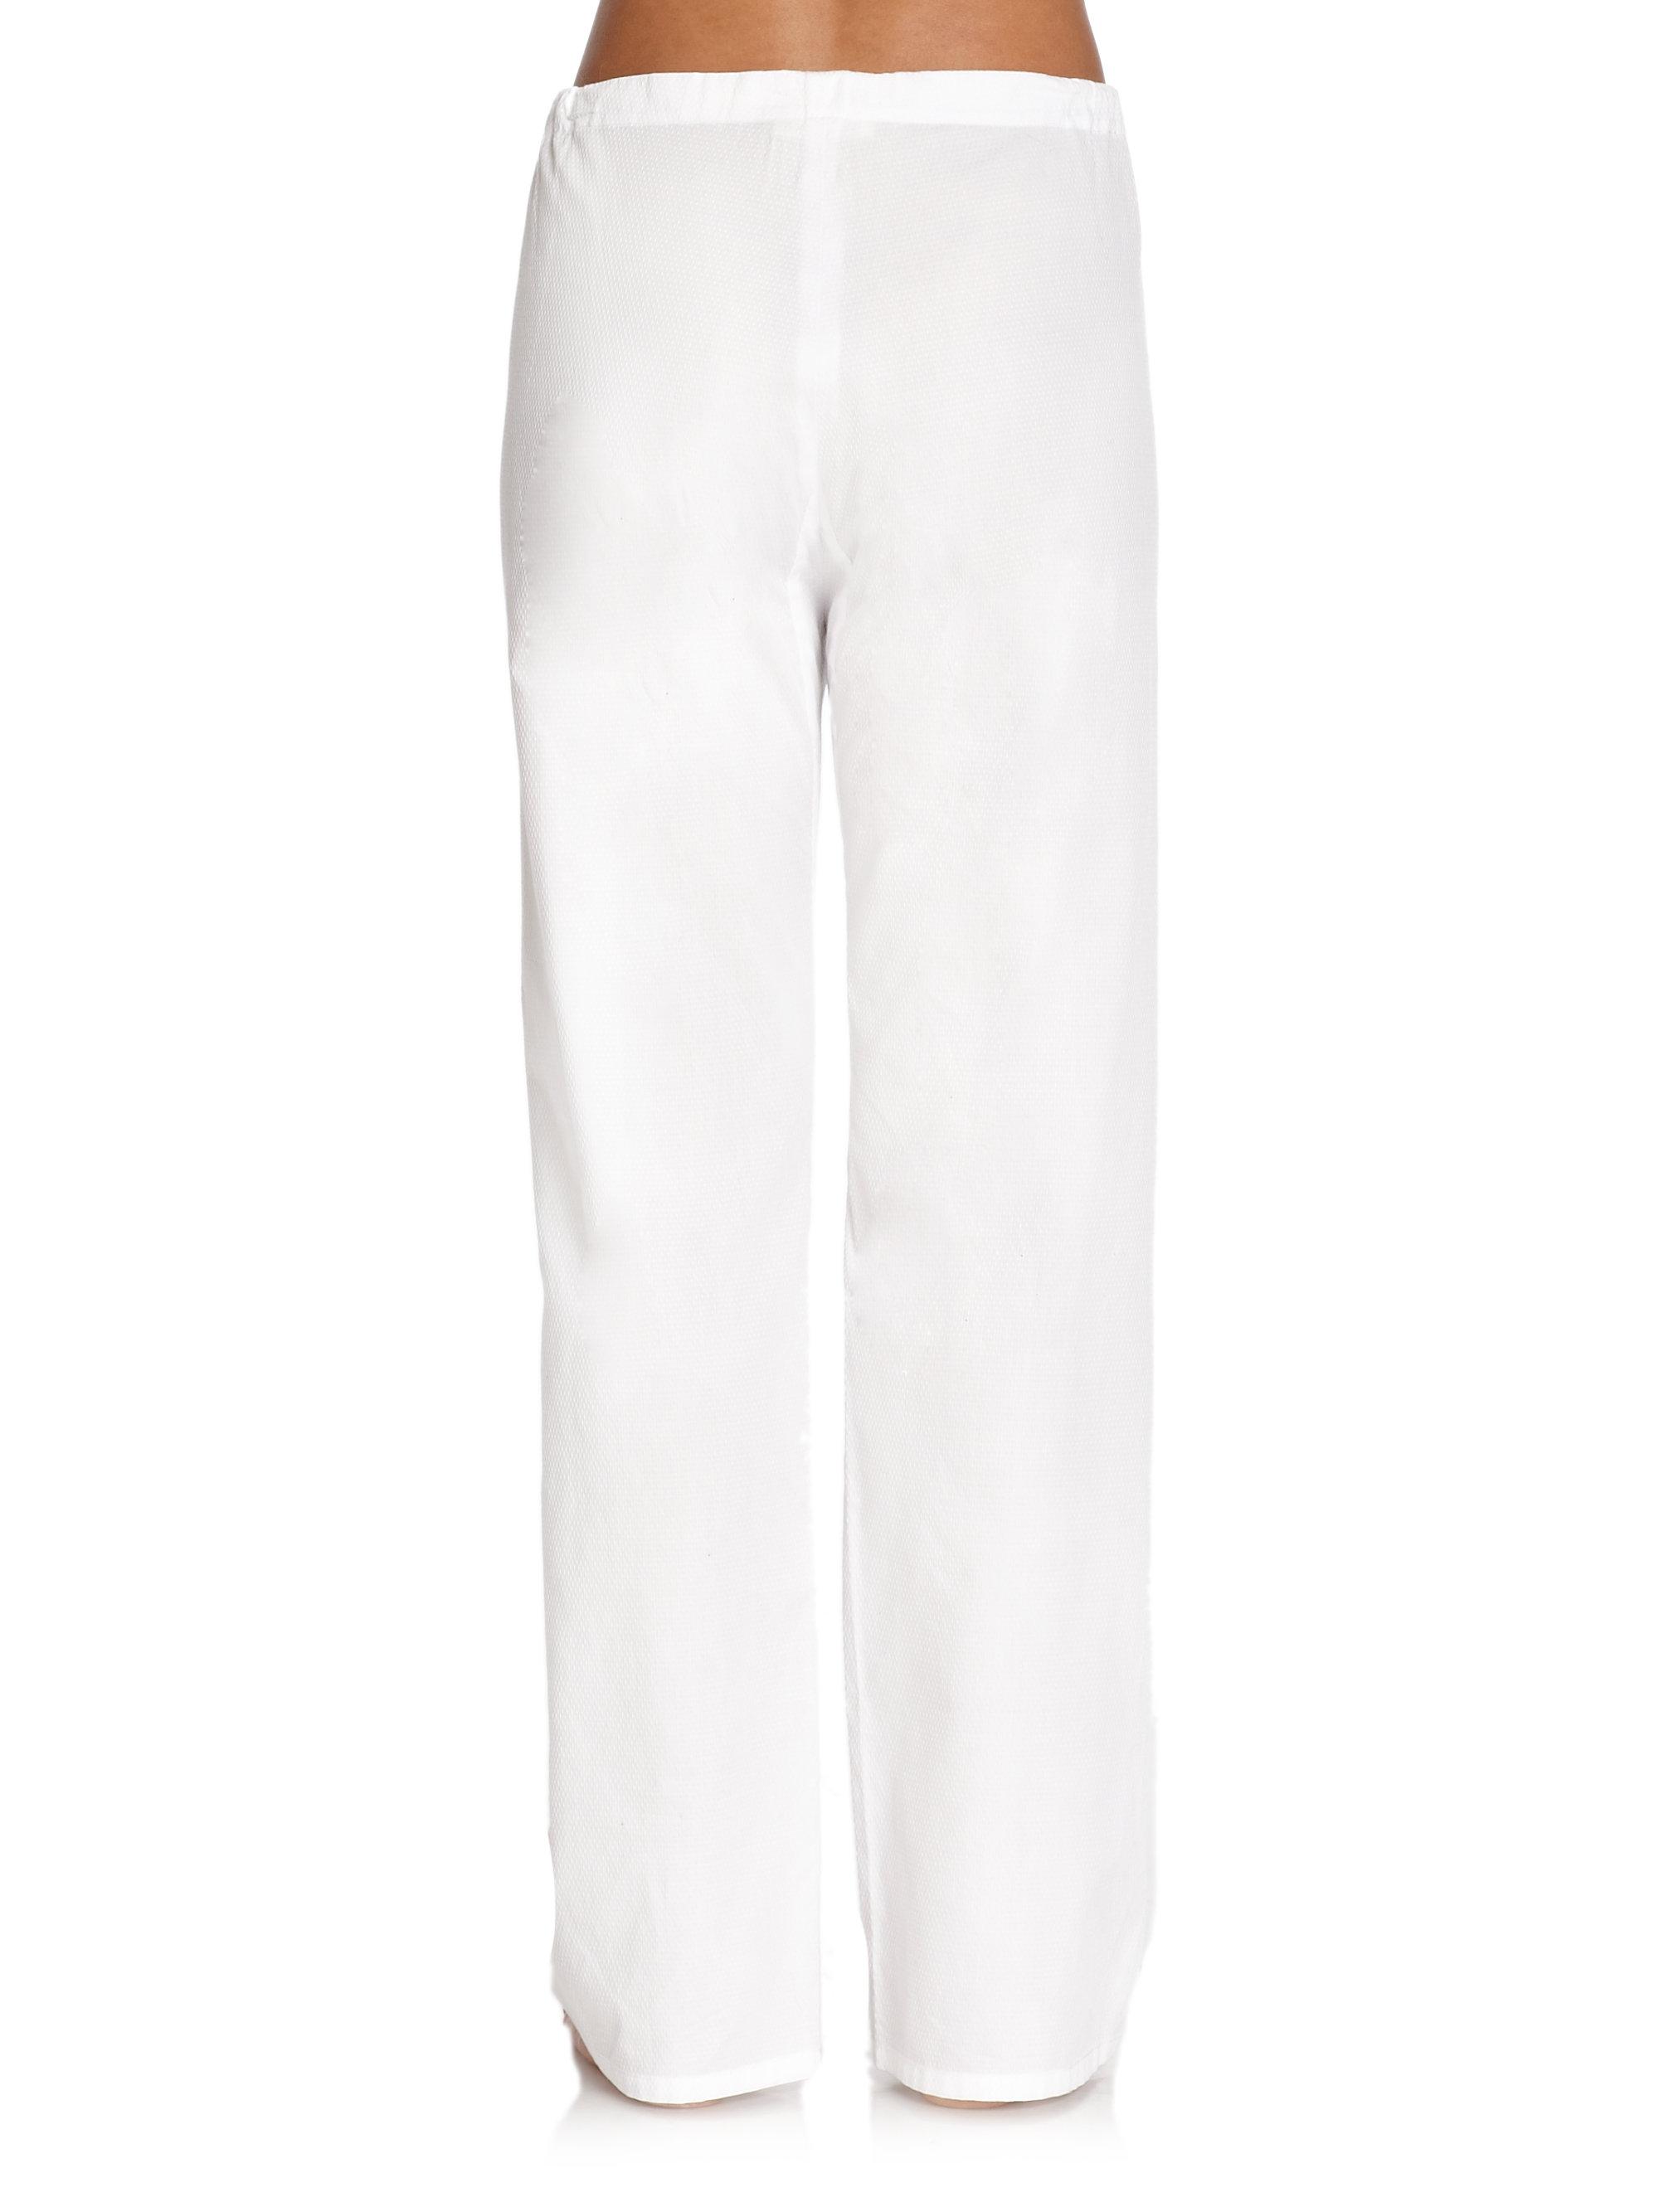 Cool White Cotton Pants Women  Pi Pants